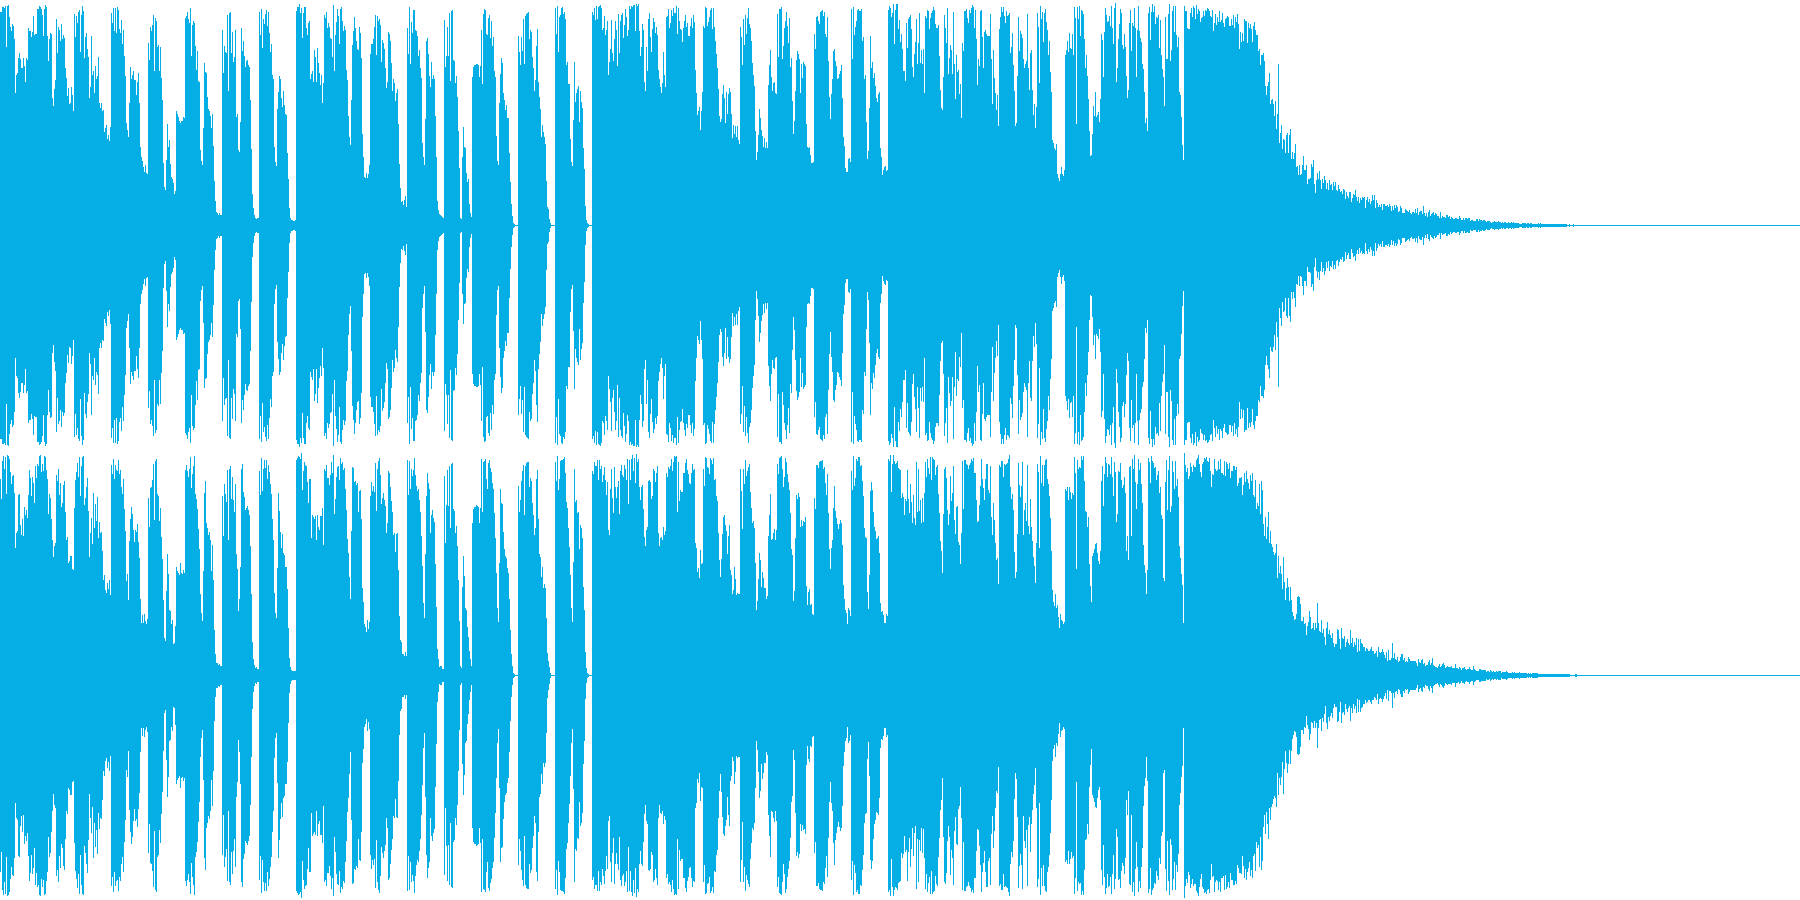 【EDM風】攻撃的なイケイケサウンドの再生済みの波形